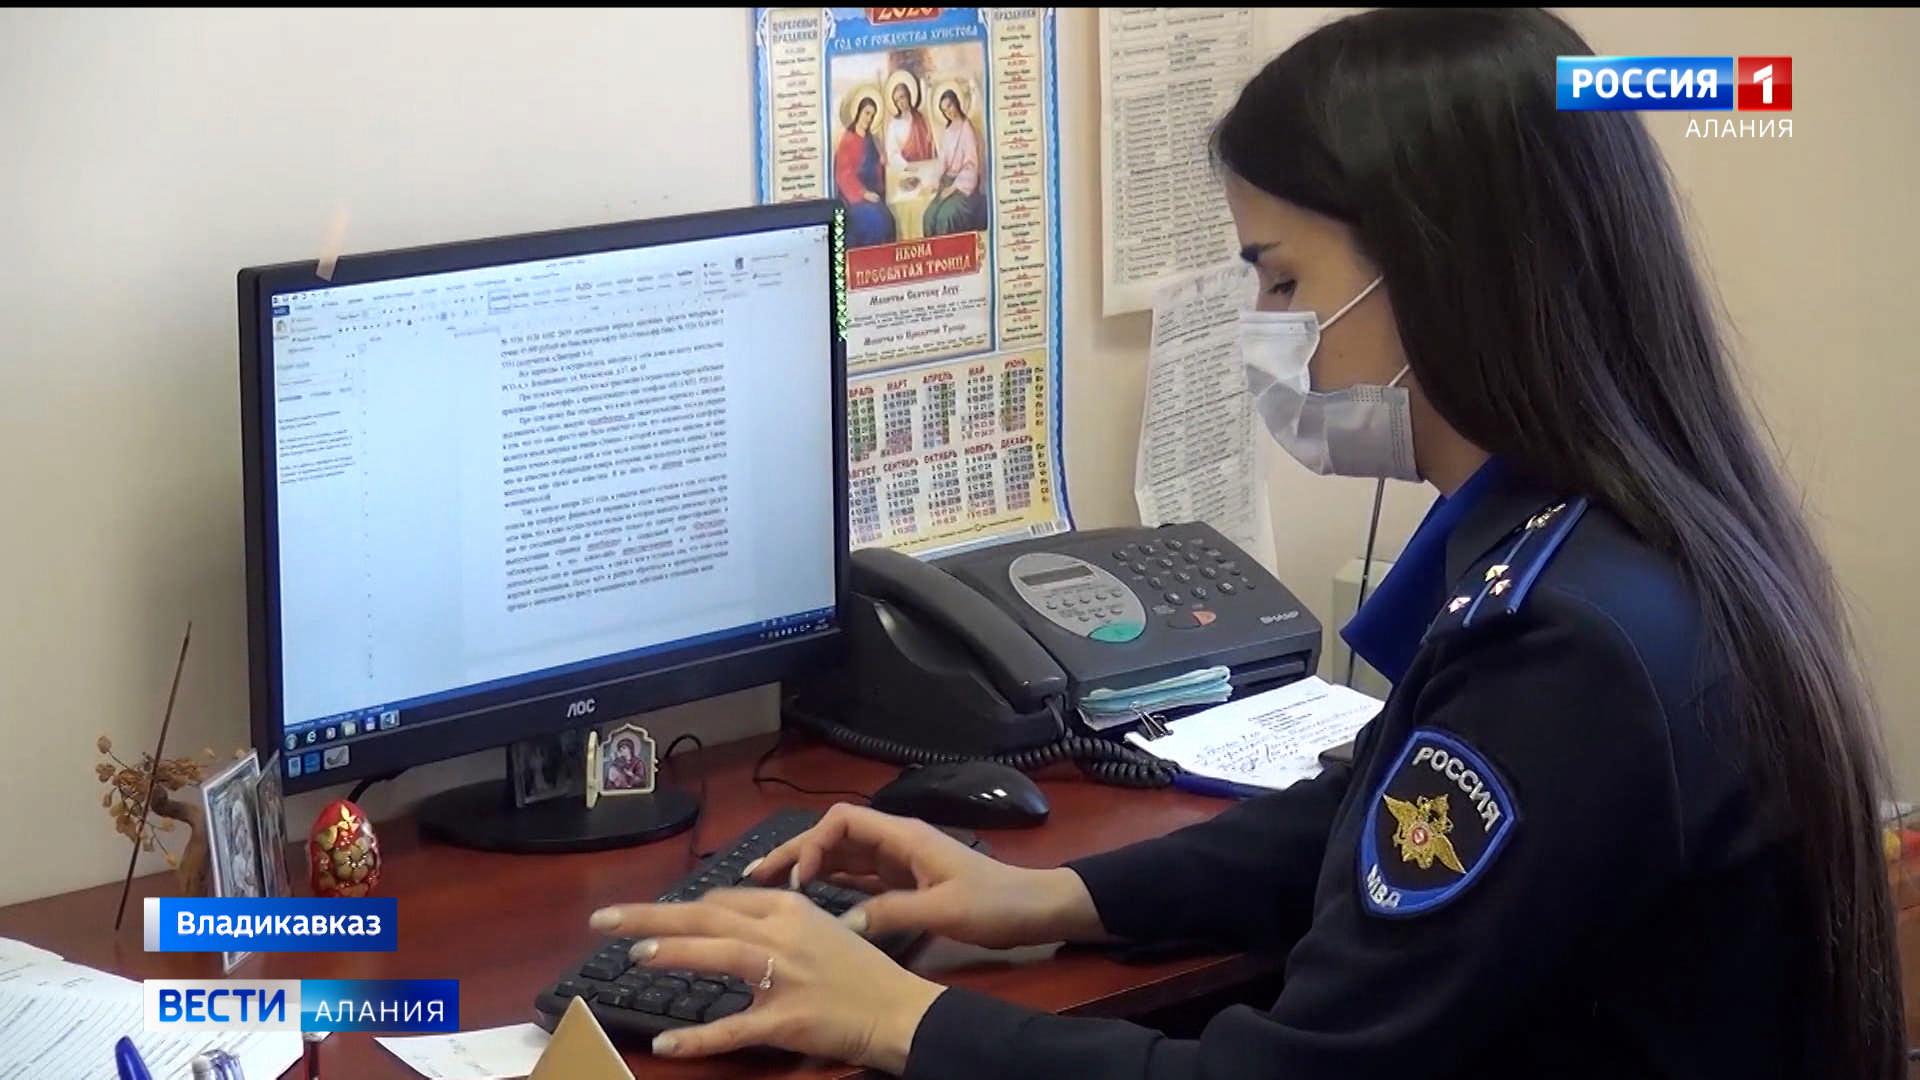 Жители Северной Осетии стали жертвами финансовой пирамиды Smart buyers